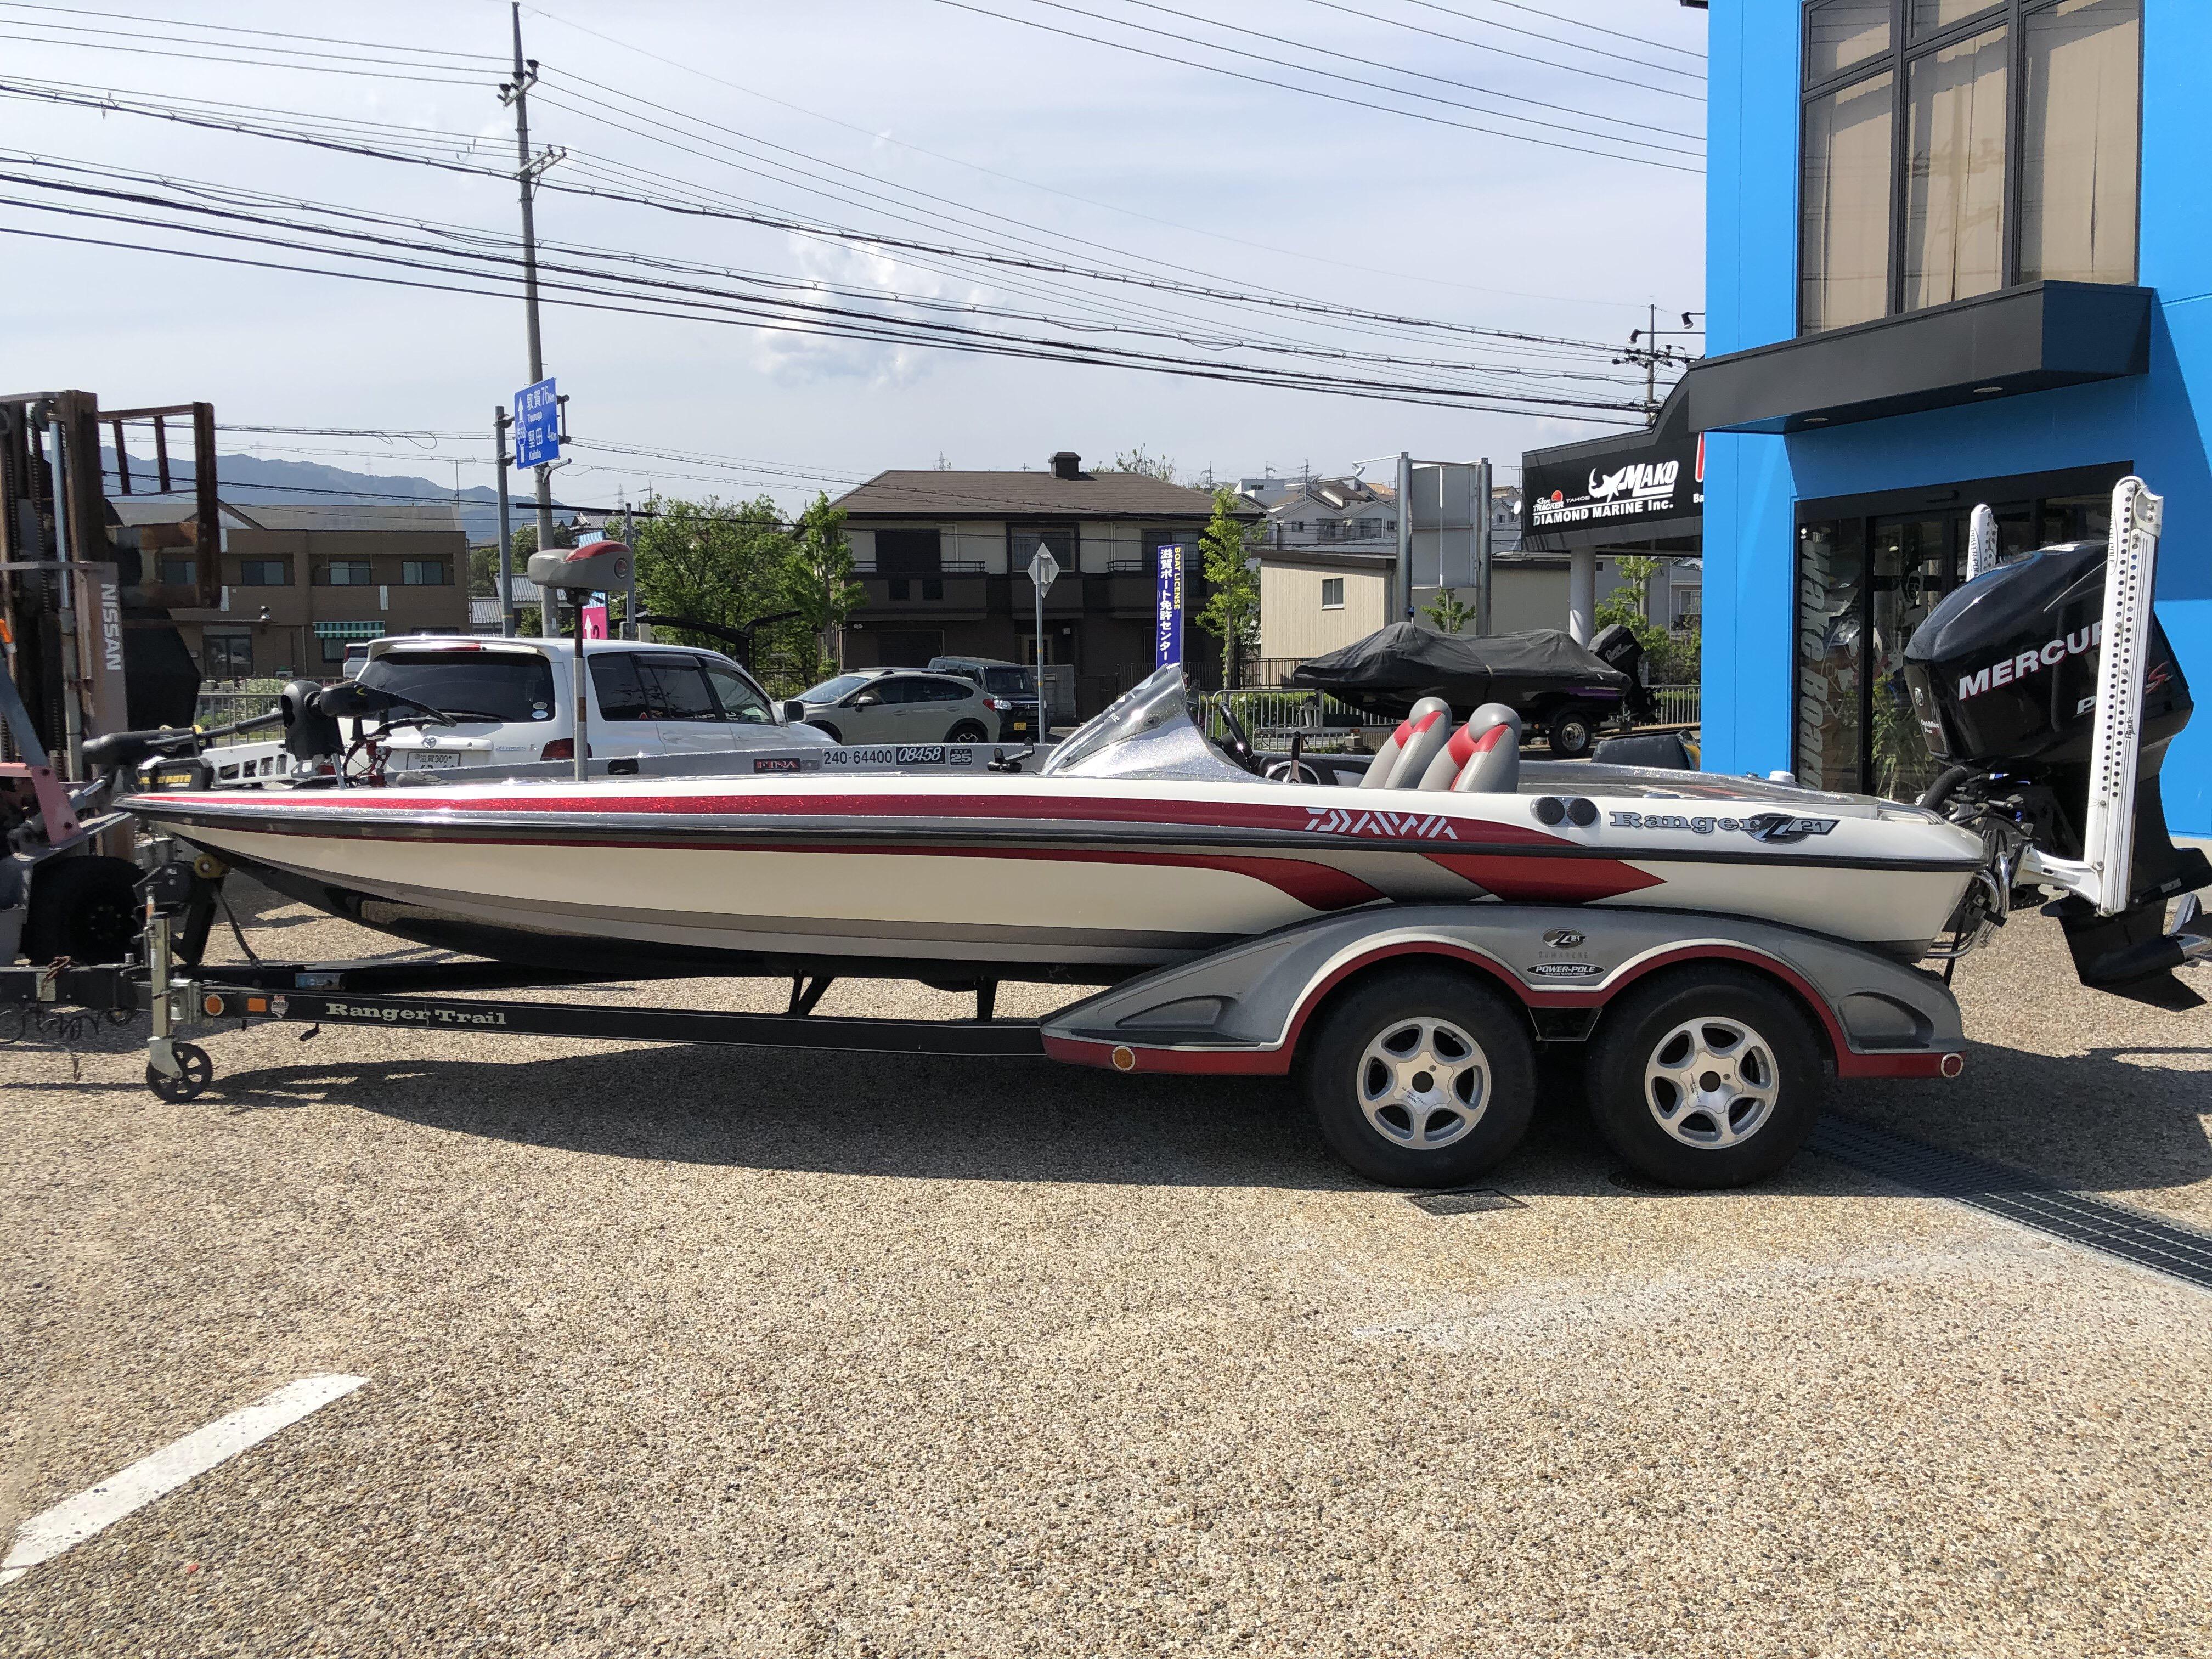 レンジャーボート正規輸入代理店バスボートジャパンIMG_4846